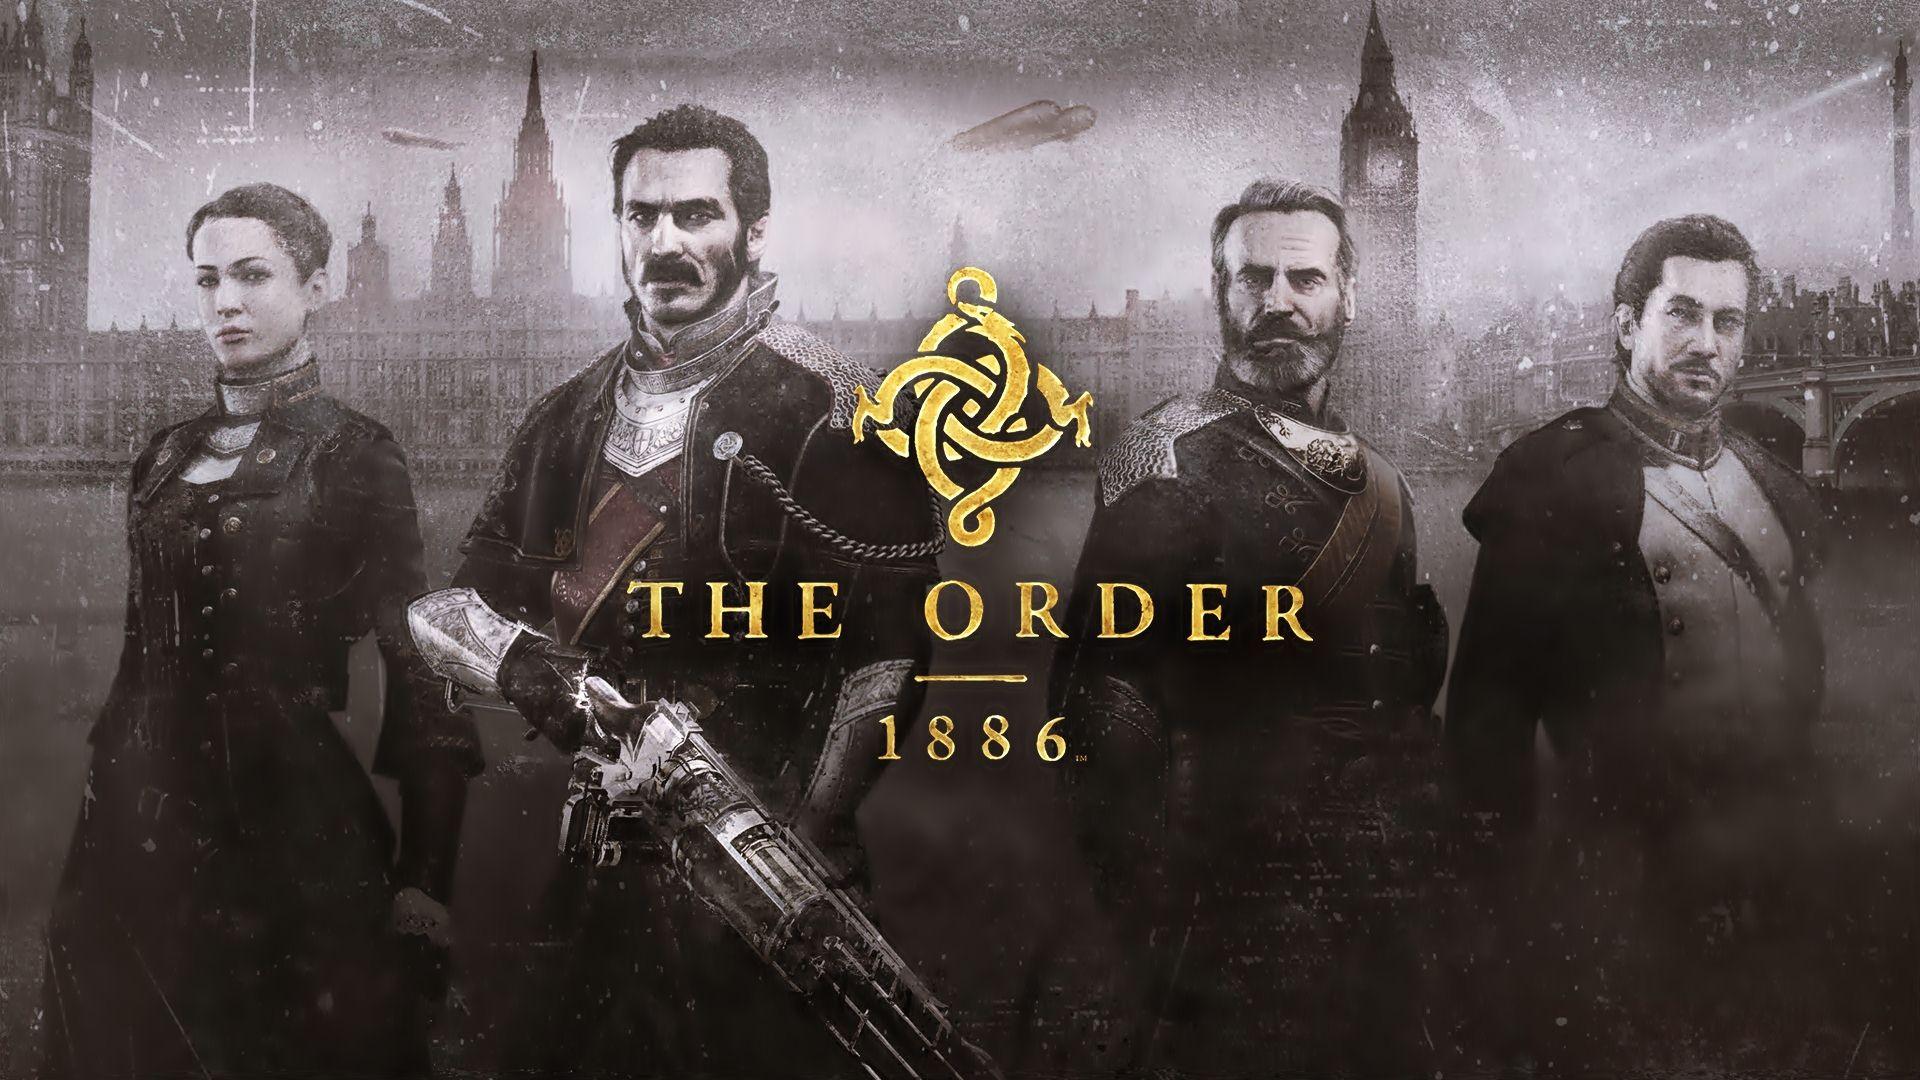 Стрим The Order 1886. - Изображение 1